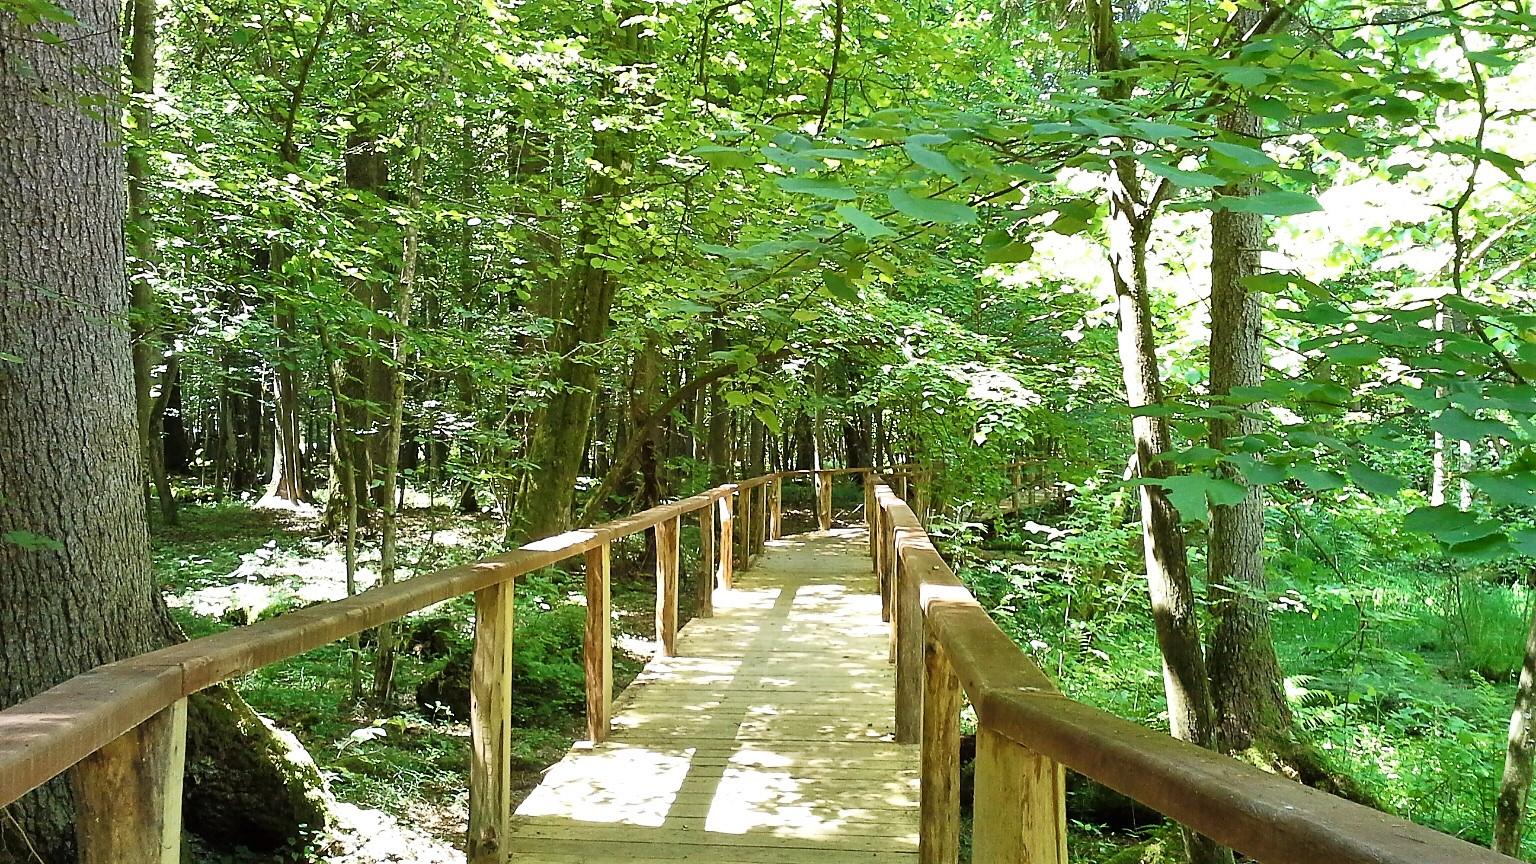 L'area protetta della Foresta di Bialowieza